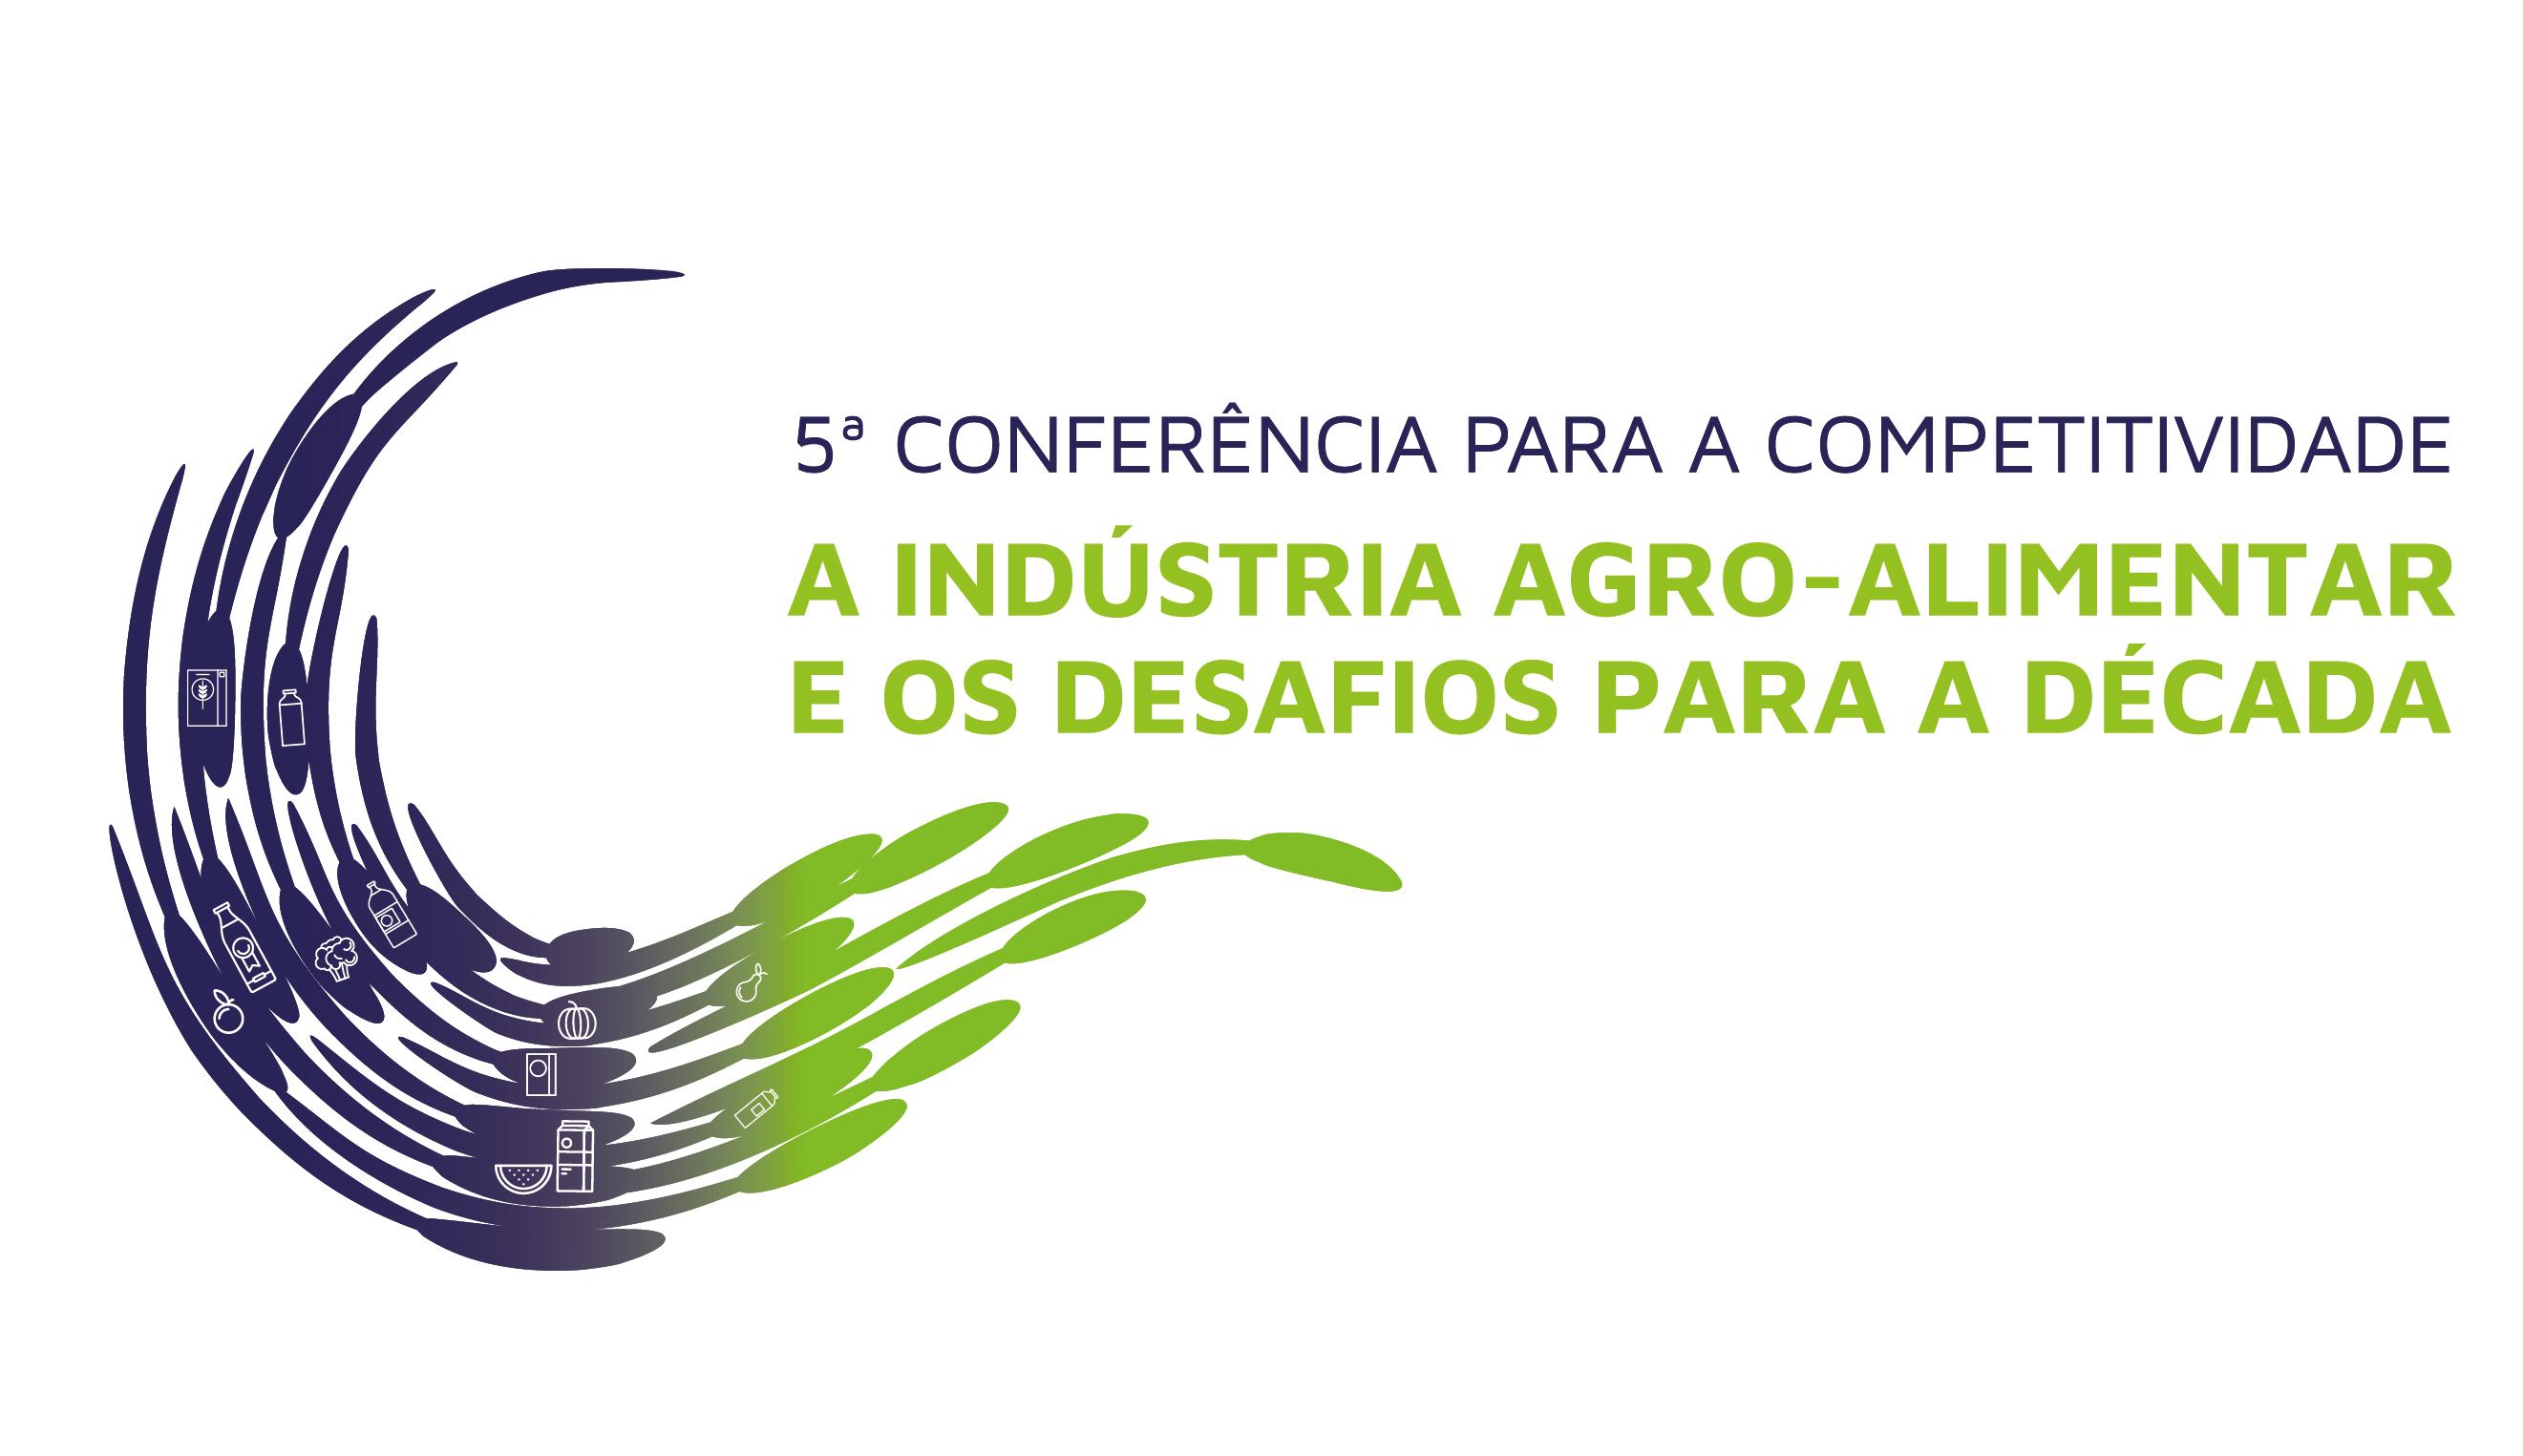 5ª CONFERÊNCIA PARA A COMPETITIVIDADE - Esgotado